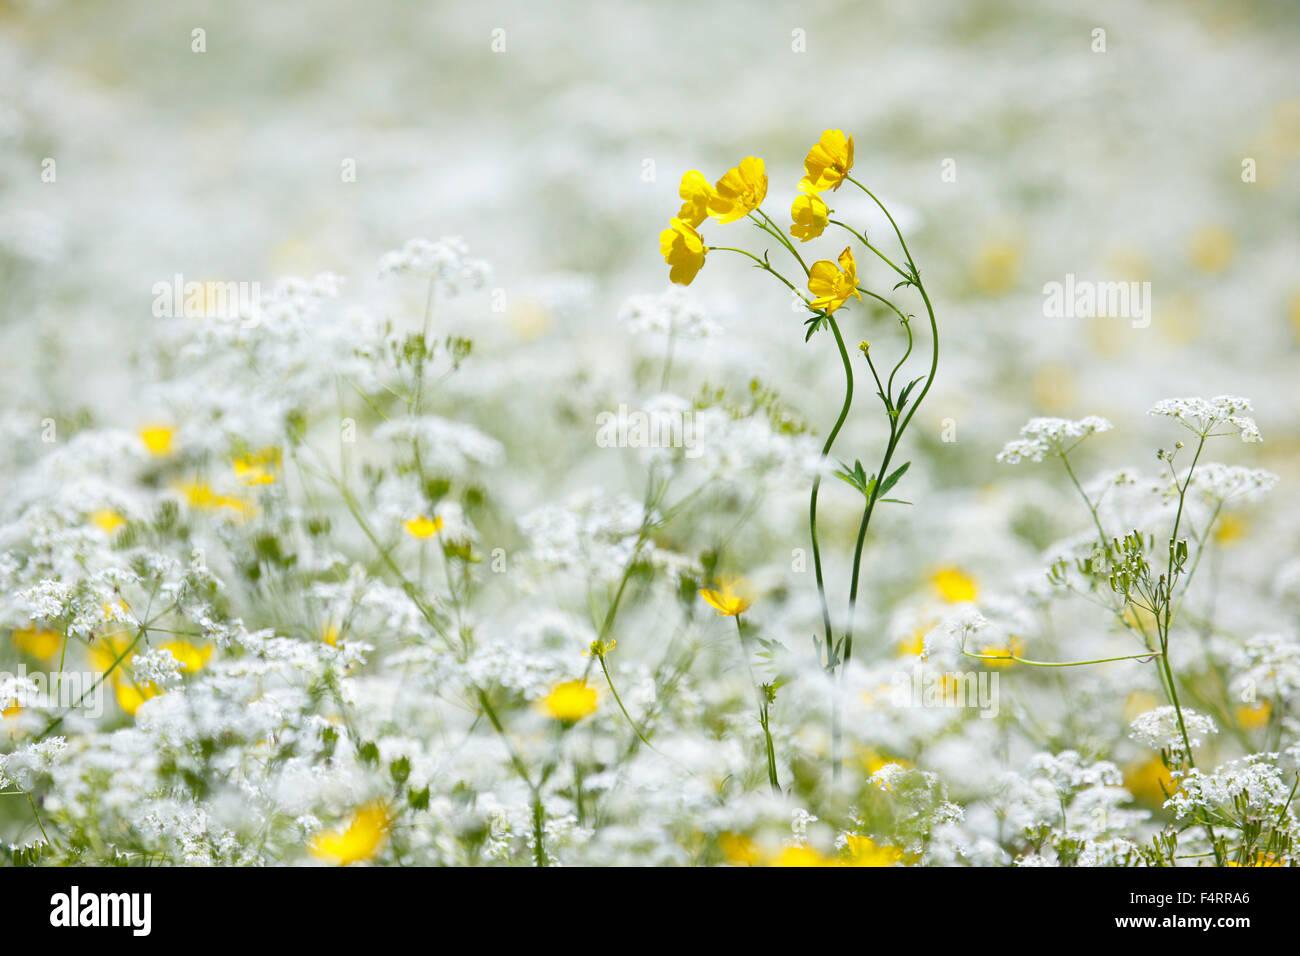 Blume, Blumen, Blumenwiese, reiche Farbgebung, Flora, Frühling, Crowfoot, Hintergrund, Kerbel, dünne Wiese, Stockbild